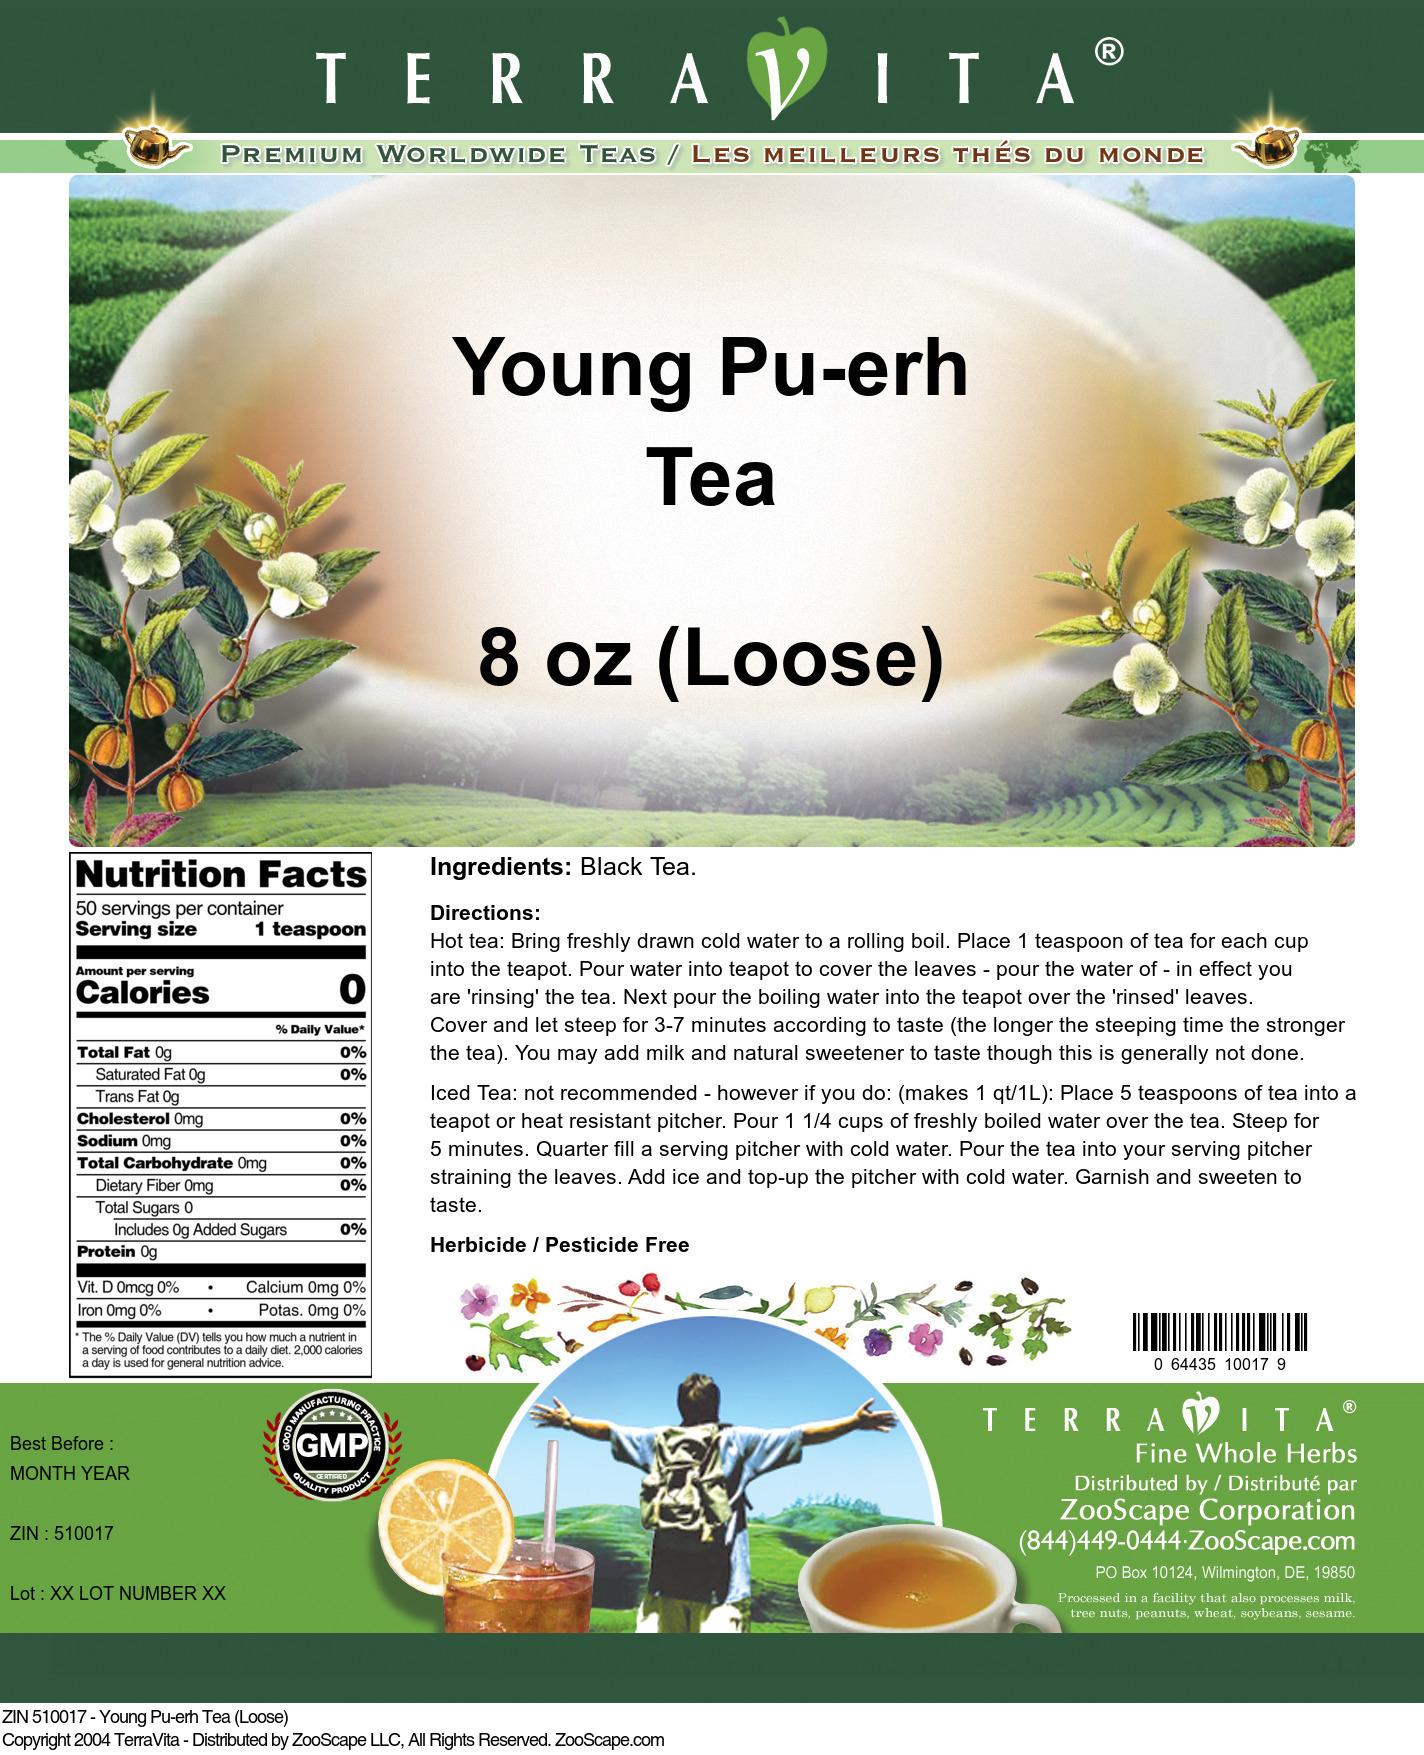 Young Pu-erh Tea (Loose)